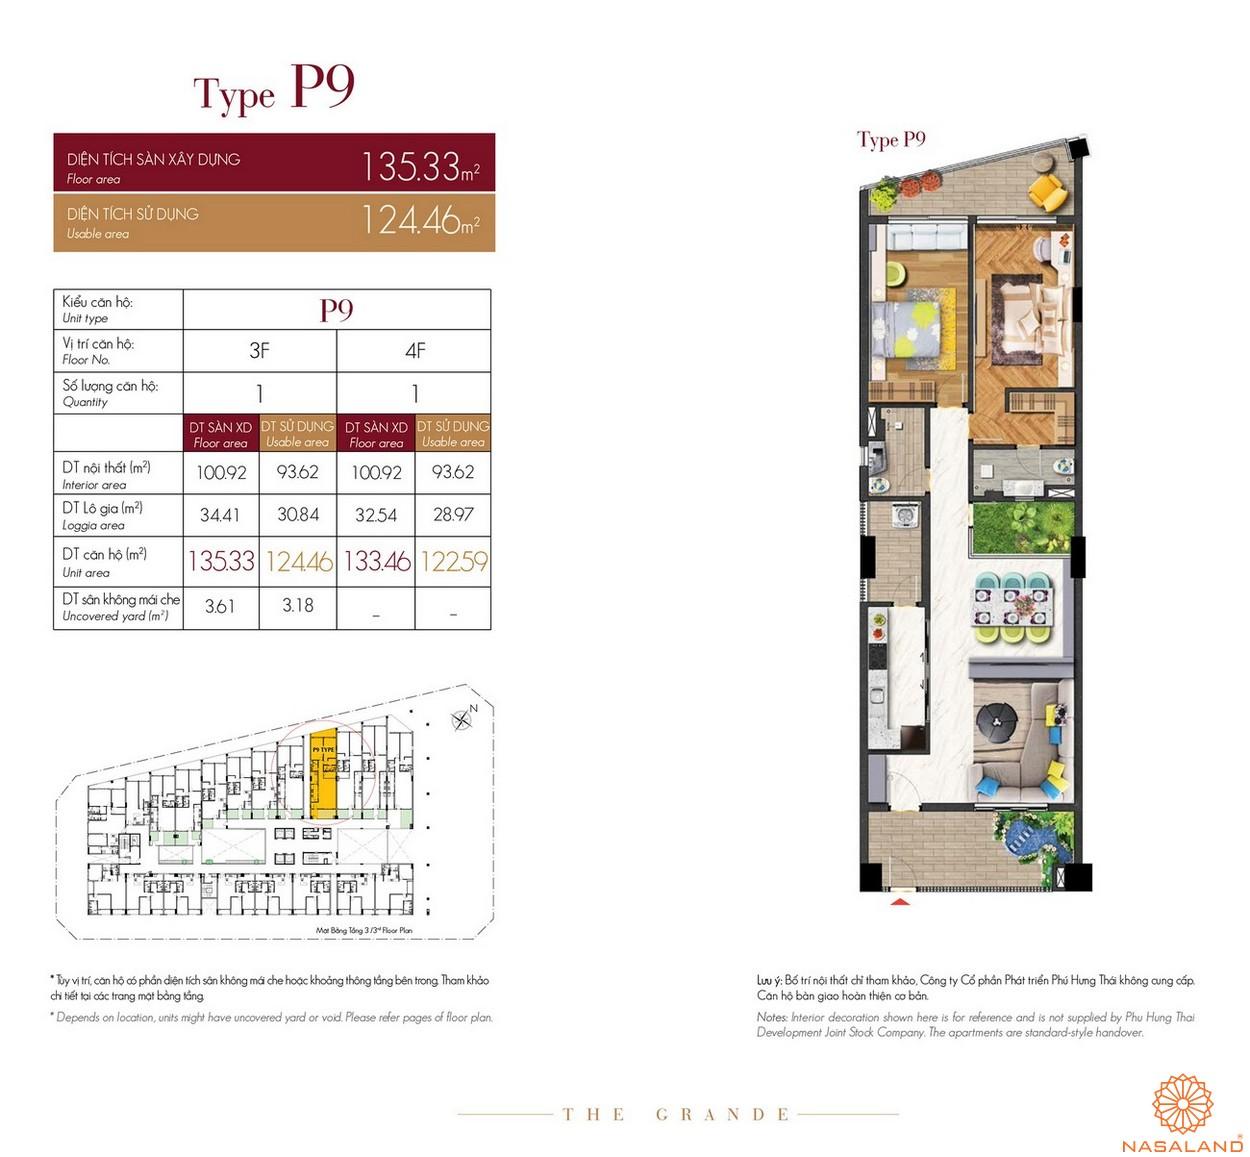 Thiết kế căn hộ Type P9 dự án The Grande Midtown quận 7